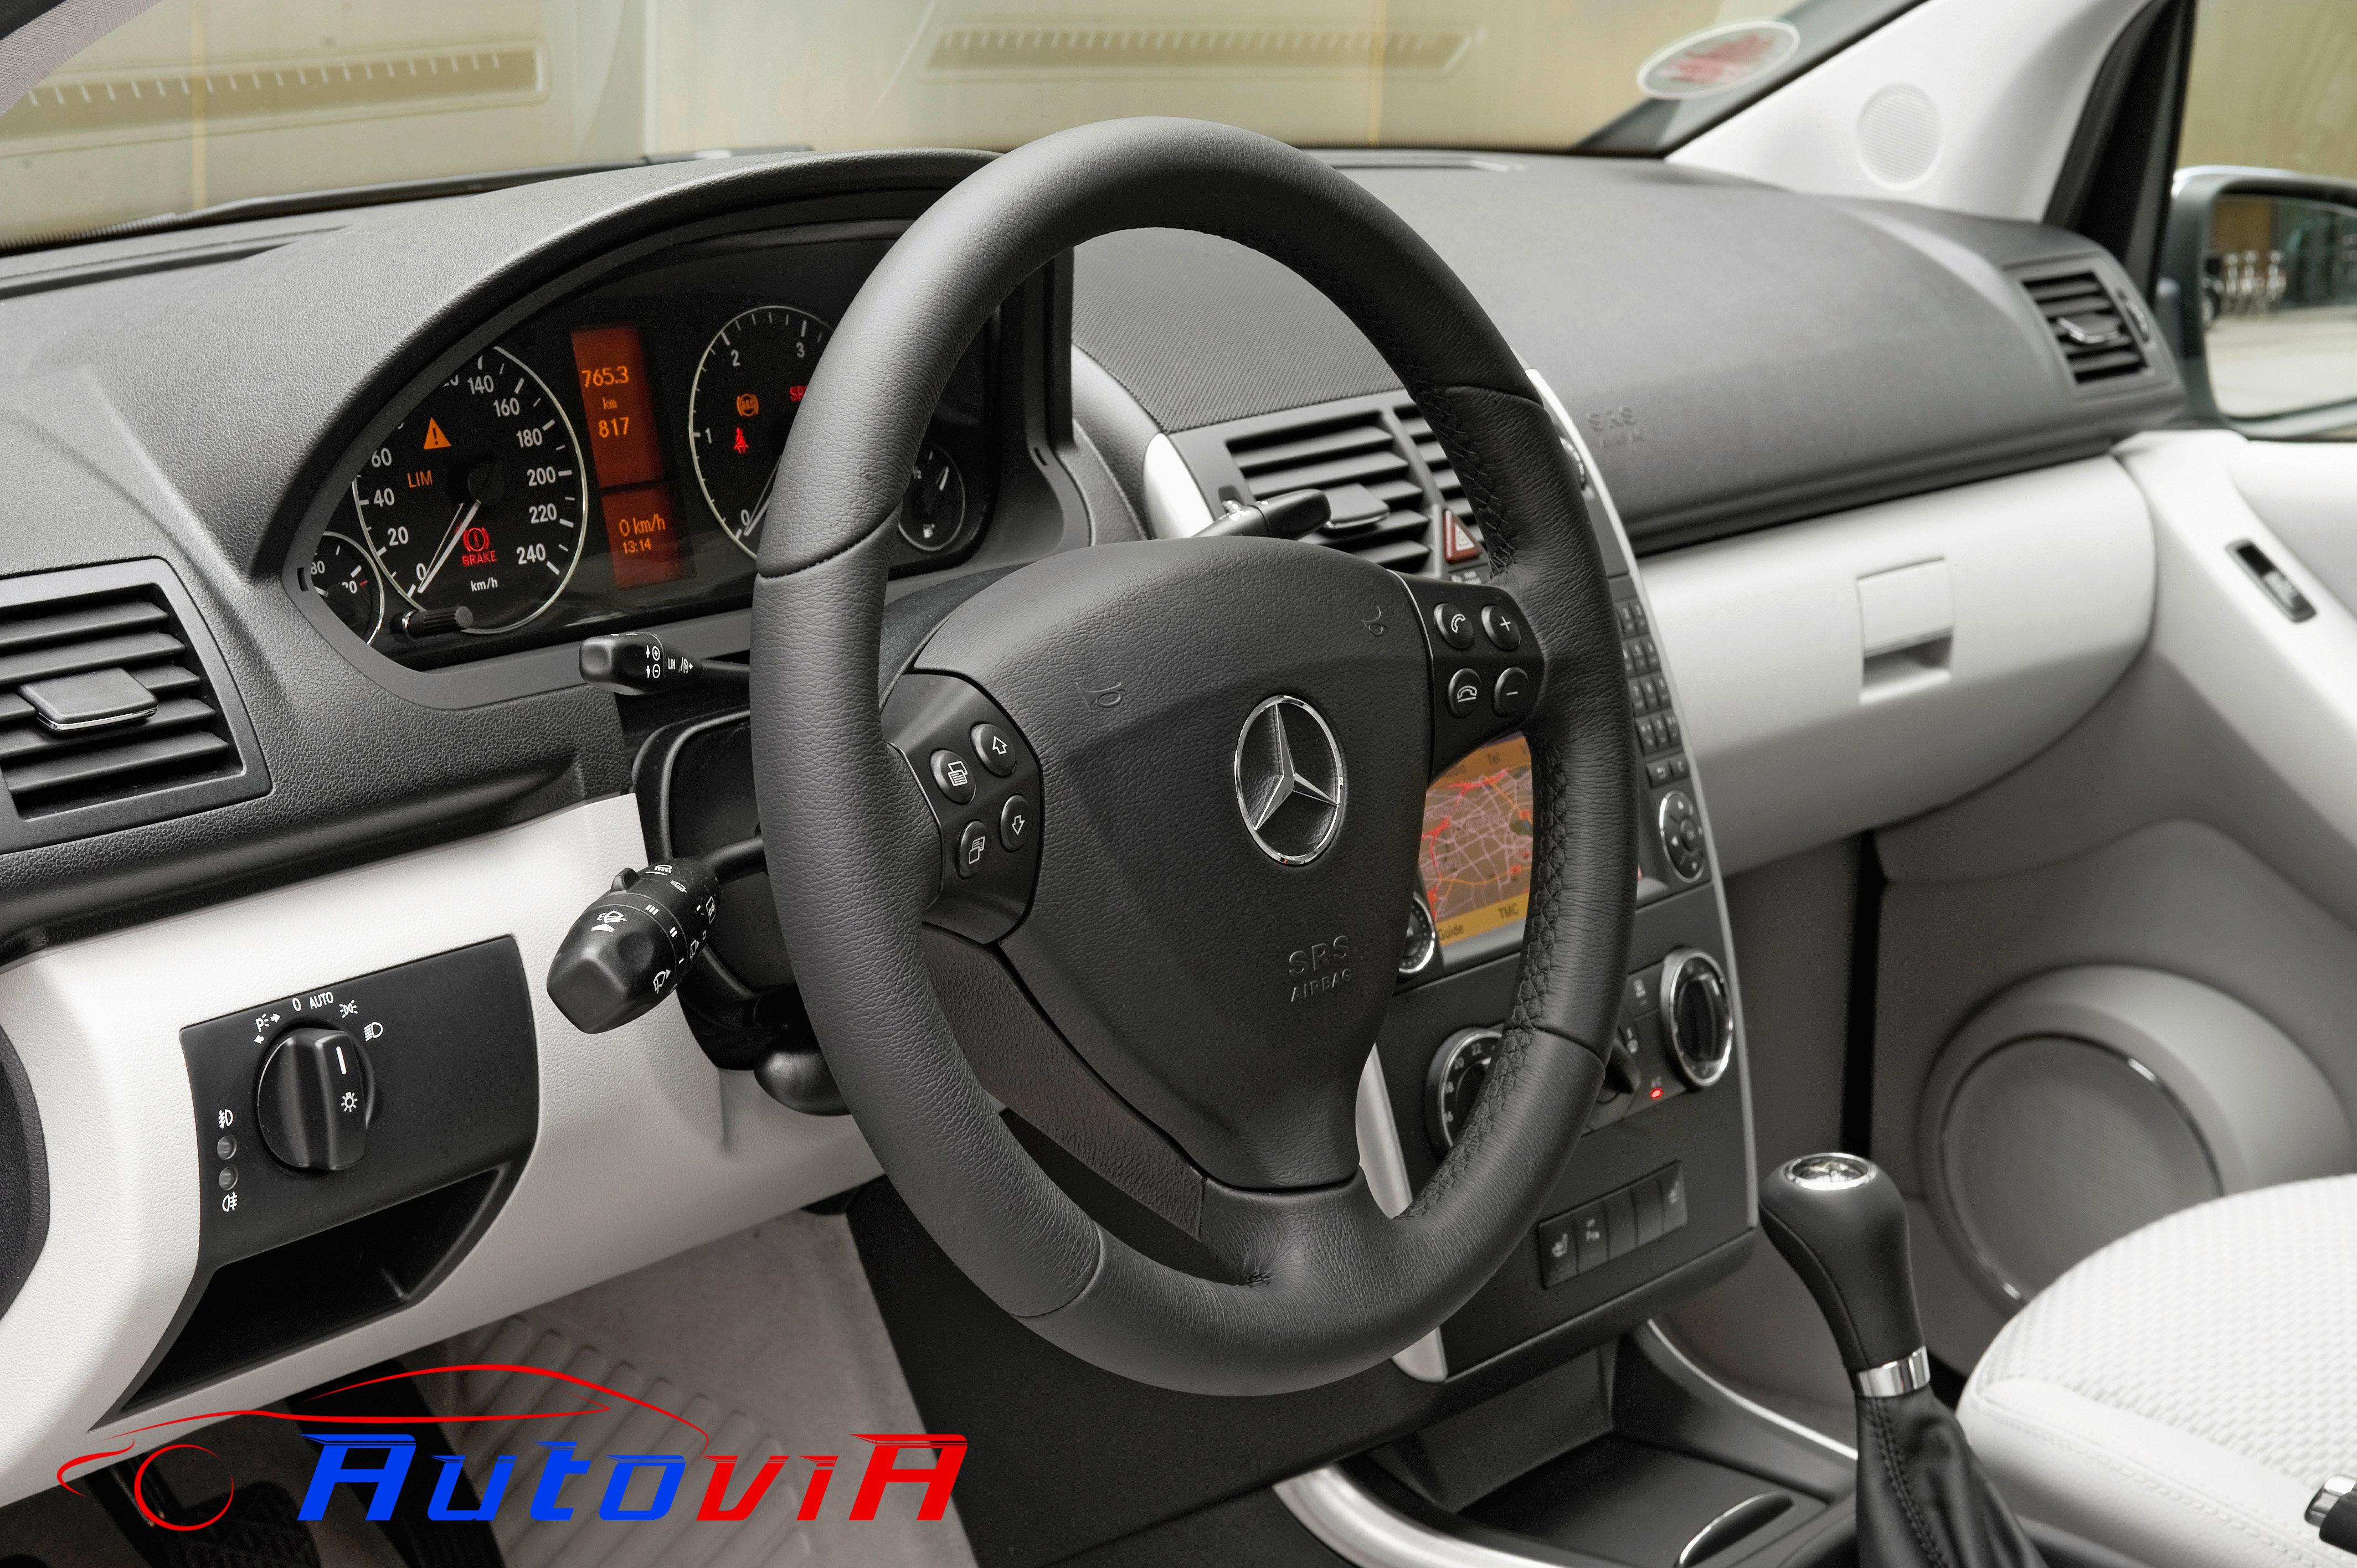 Mercedes benz clase a a 160 cdi avantgarde interior 03 for Interior mercedes clase a